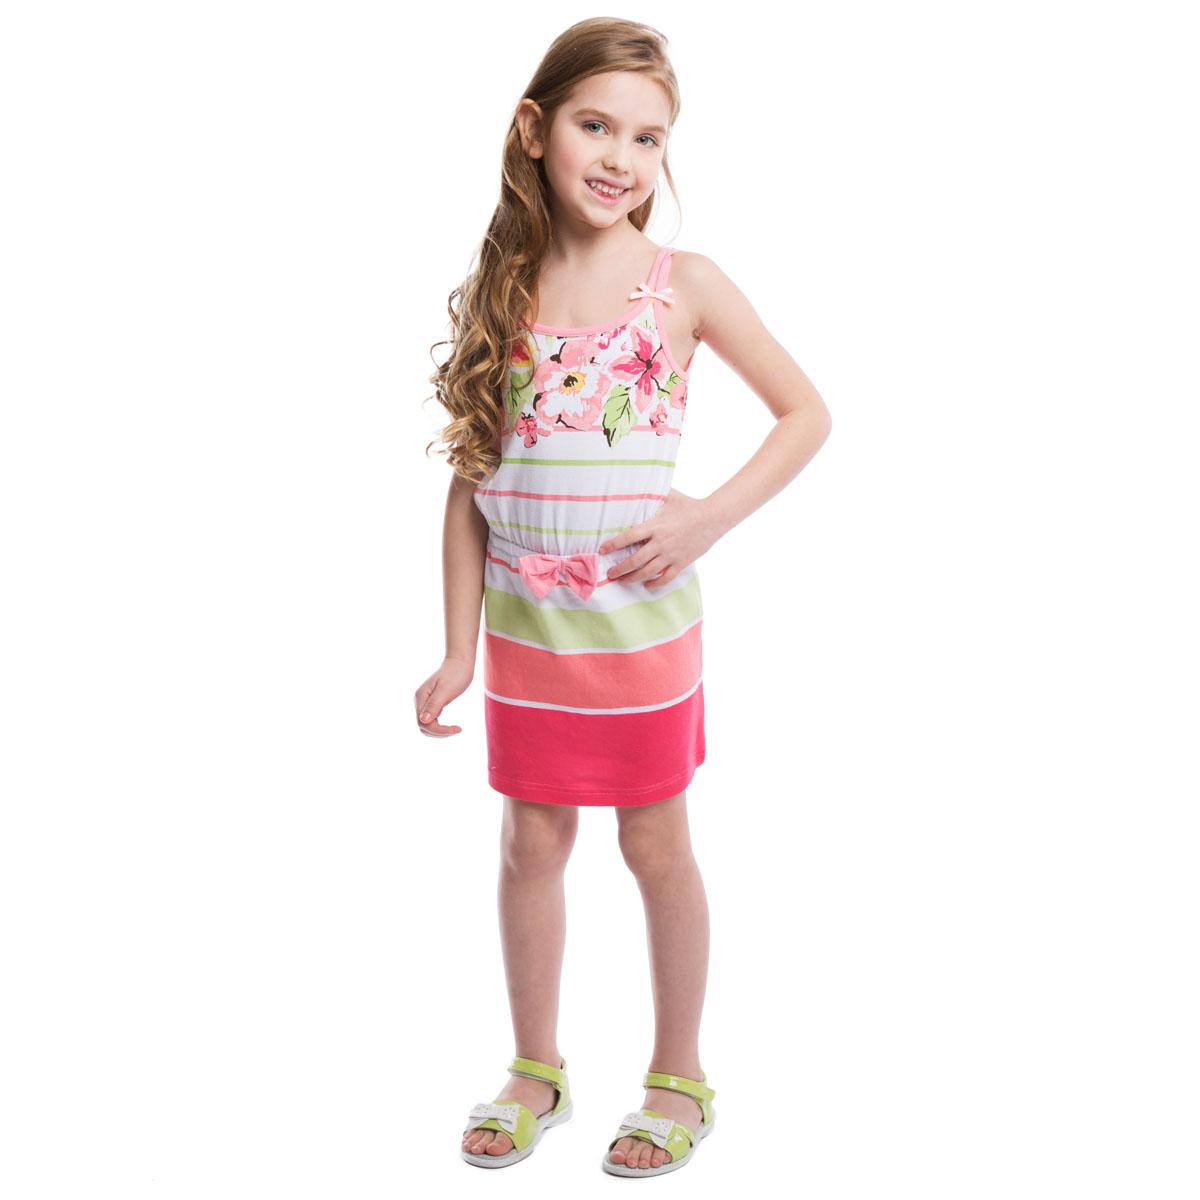 262018Очаровательный сарафан для девочки PlayToday идеально подойдет вашей маленькой моднице. Изготовленный из эластичного хлопка, он необычайно мягкий и приятный на ощупь, не сковывает движения и позволяет коже дышать, не раздражает даже самую нежную и чувствительную кожу ребенка, обеспечивая наибольший комфорт. Сарафан прямого кроя с тонкими двойными бретелями и круглым вырезом горловины оформлен принтом в полоску и нежным цветочным рисунком. Бретельки декорированы маленькими атласными бантиками. На талии - эластичная скрытая резинка, украшенная трикотажным бантом. Современный дизайн и расцветка делают этот сарафан модным и стильным предметом детского гардероба.